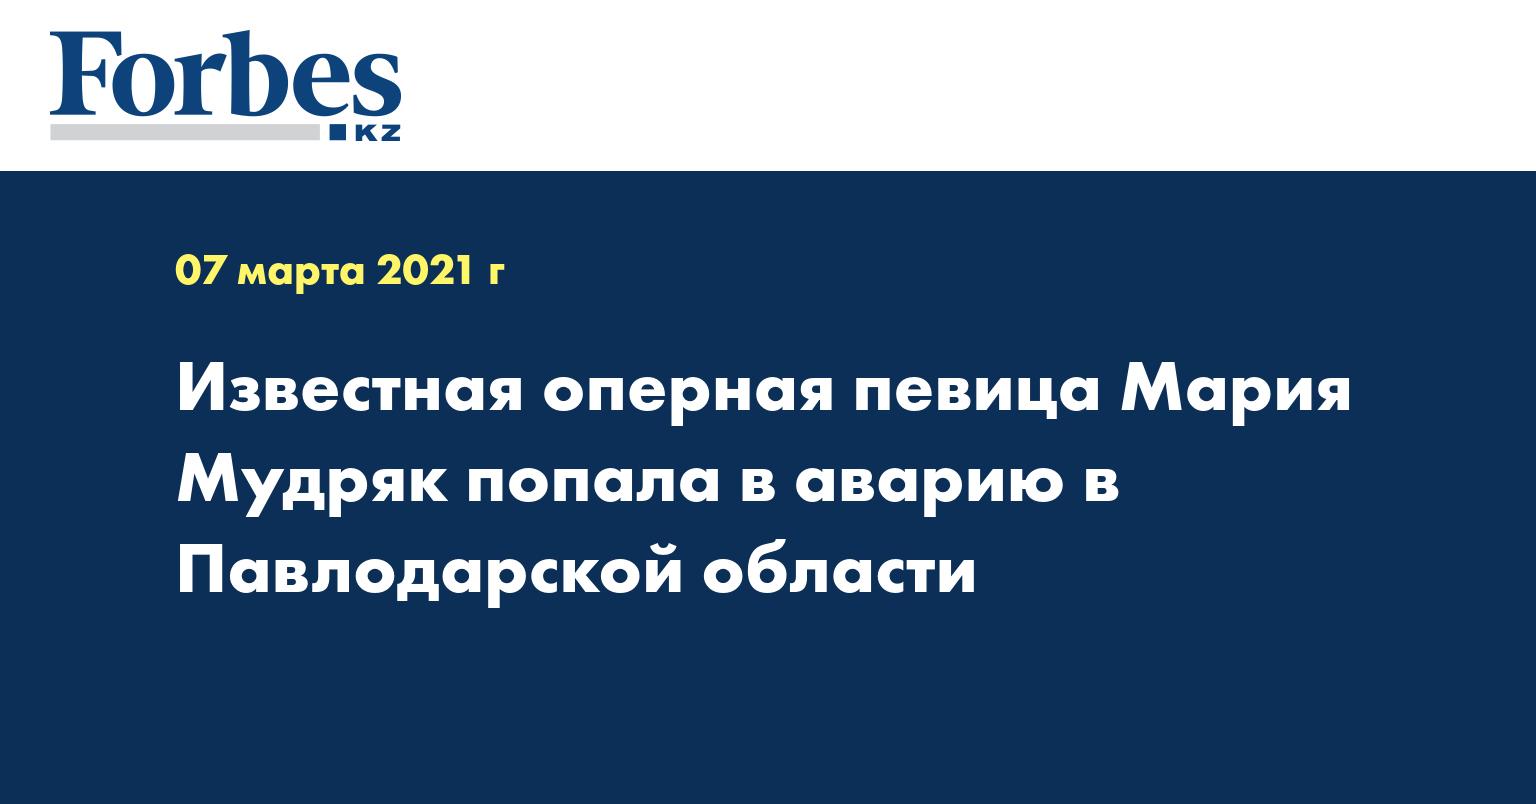 Известная оперная певица Мария Мудряк попала в аварию в Павлодарской области